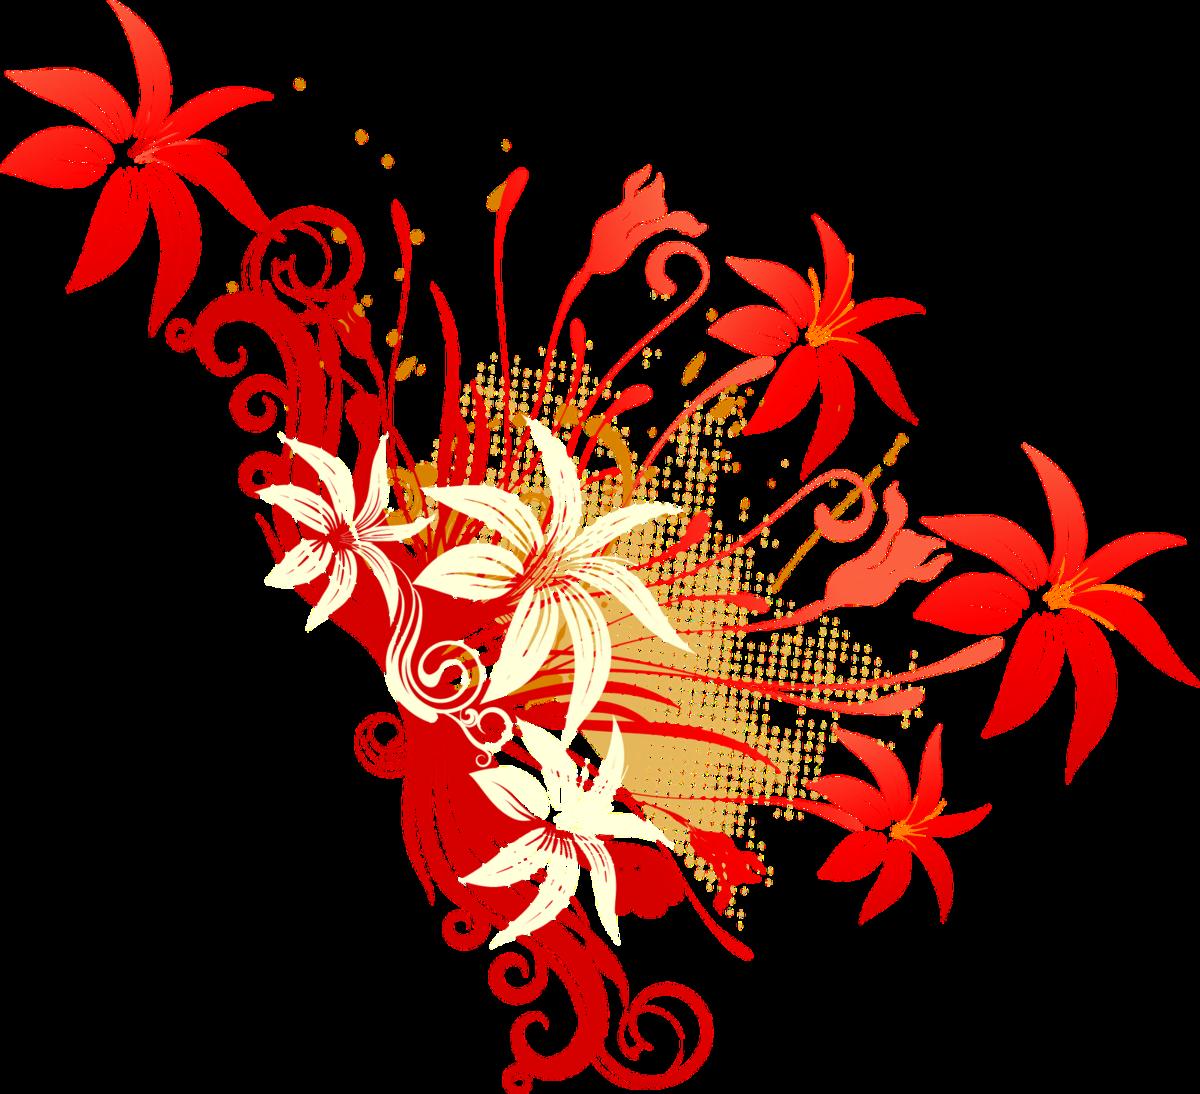 красивые цветы вектор секс